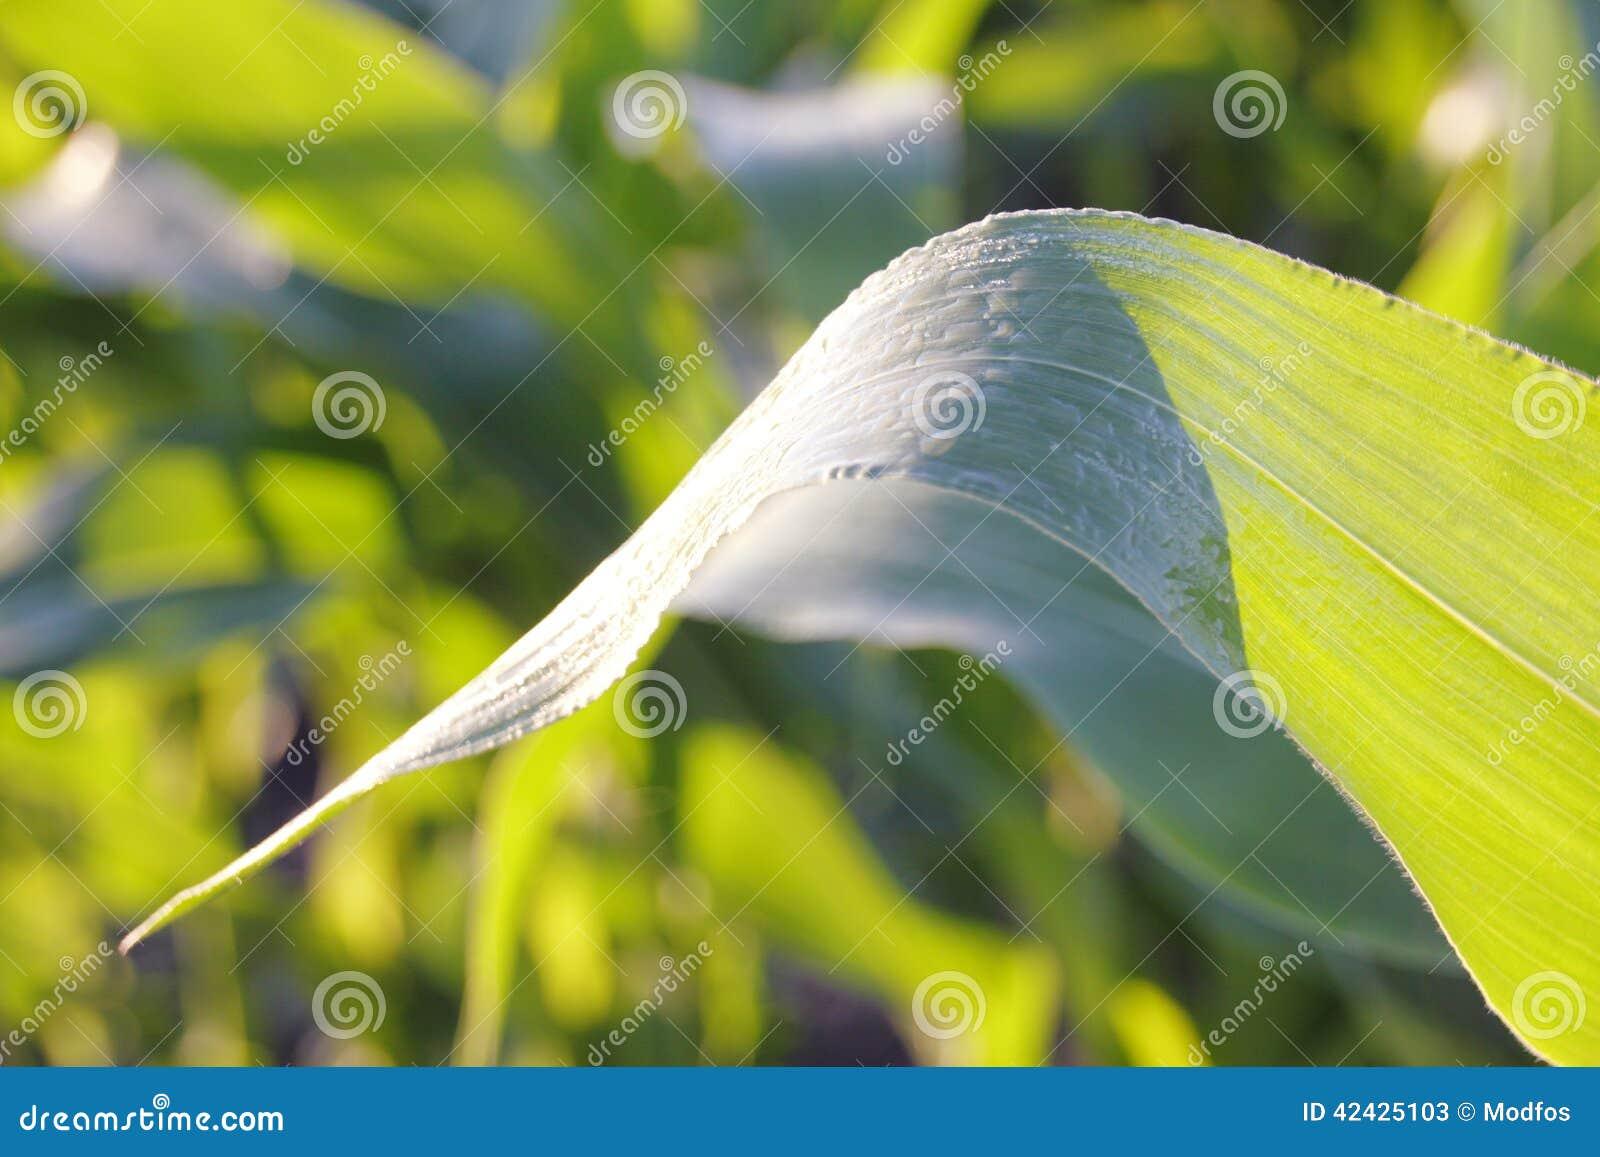 Ciérrese en la hoja del maíz